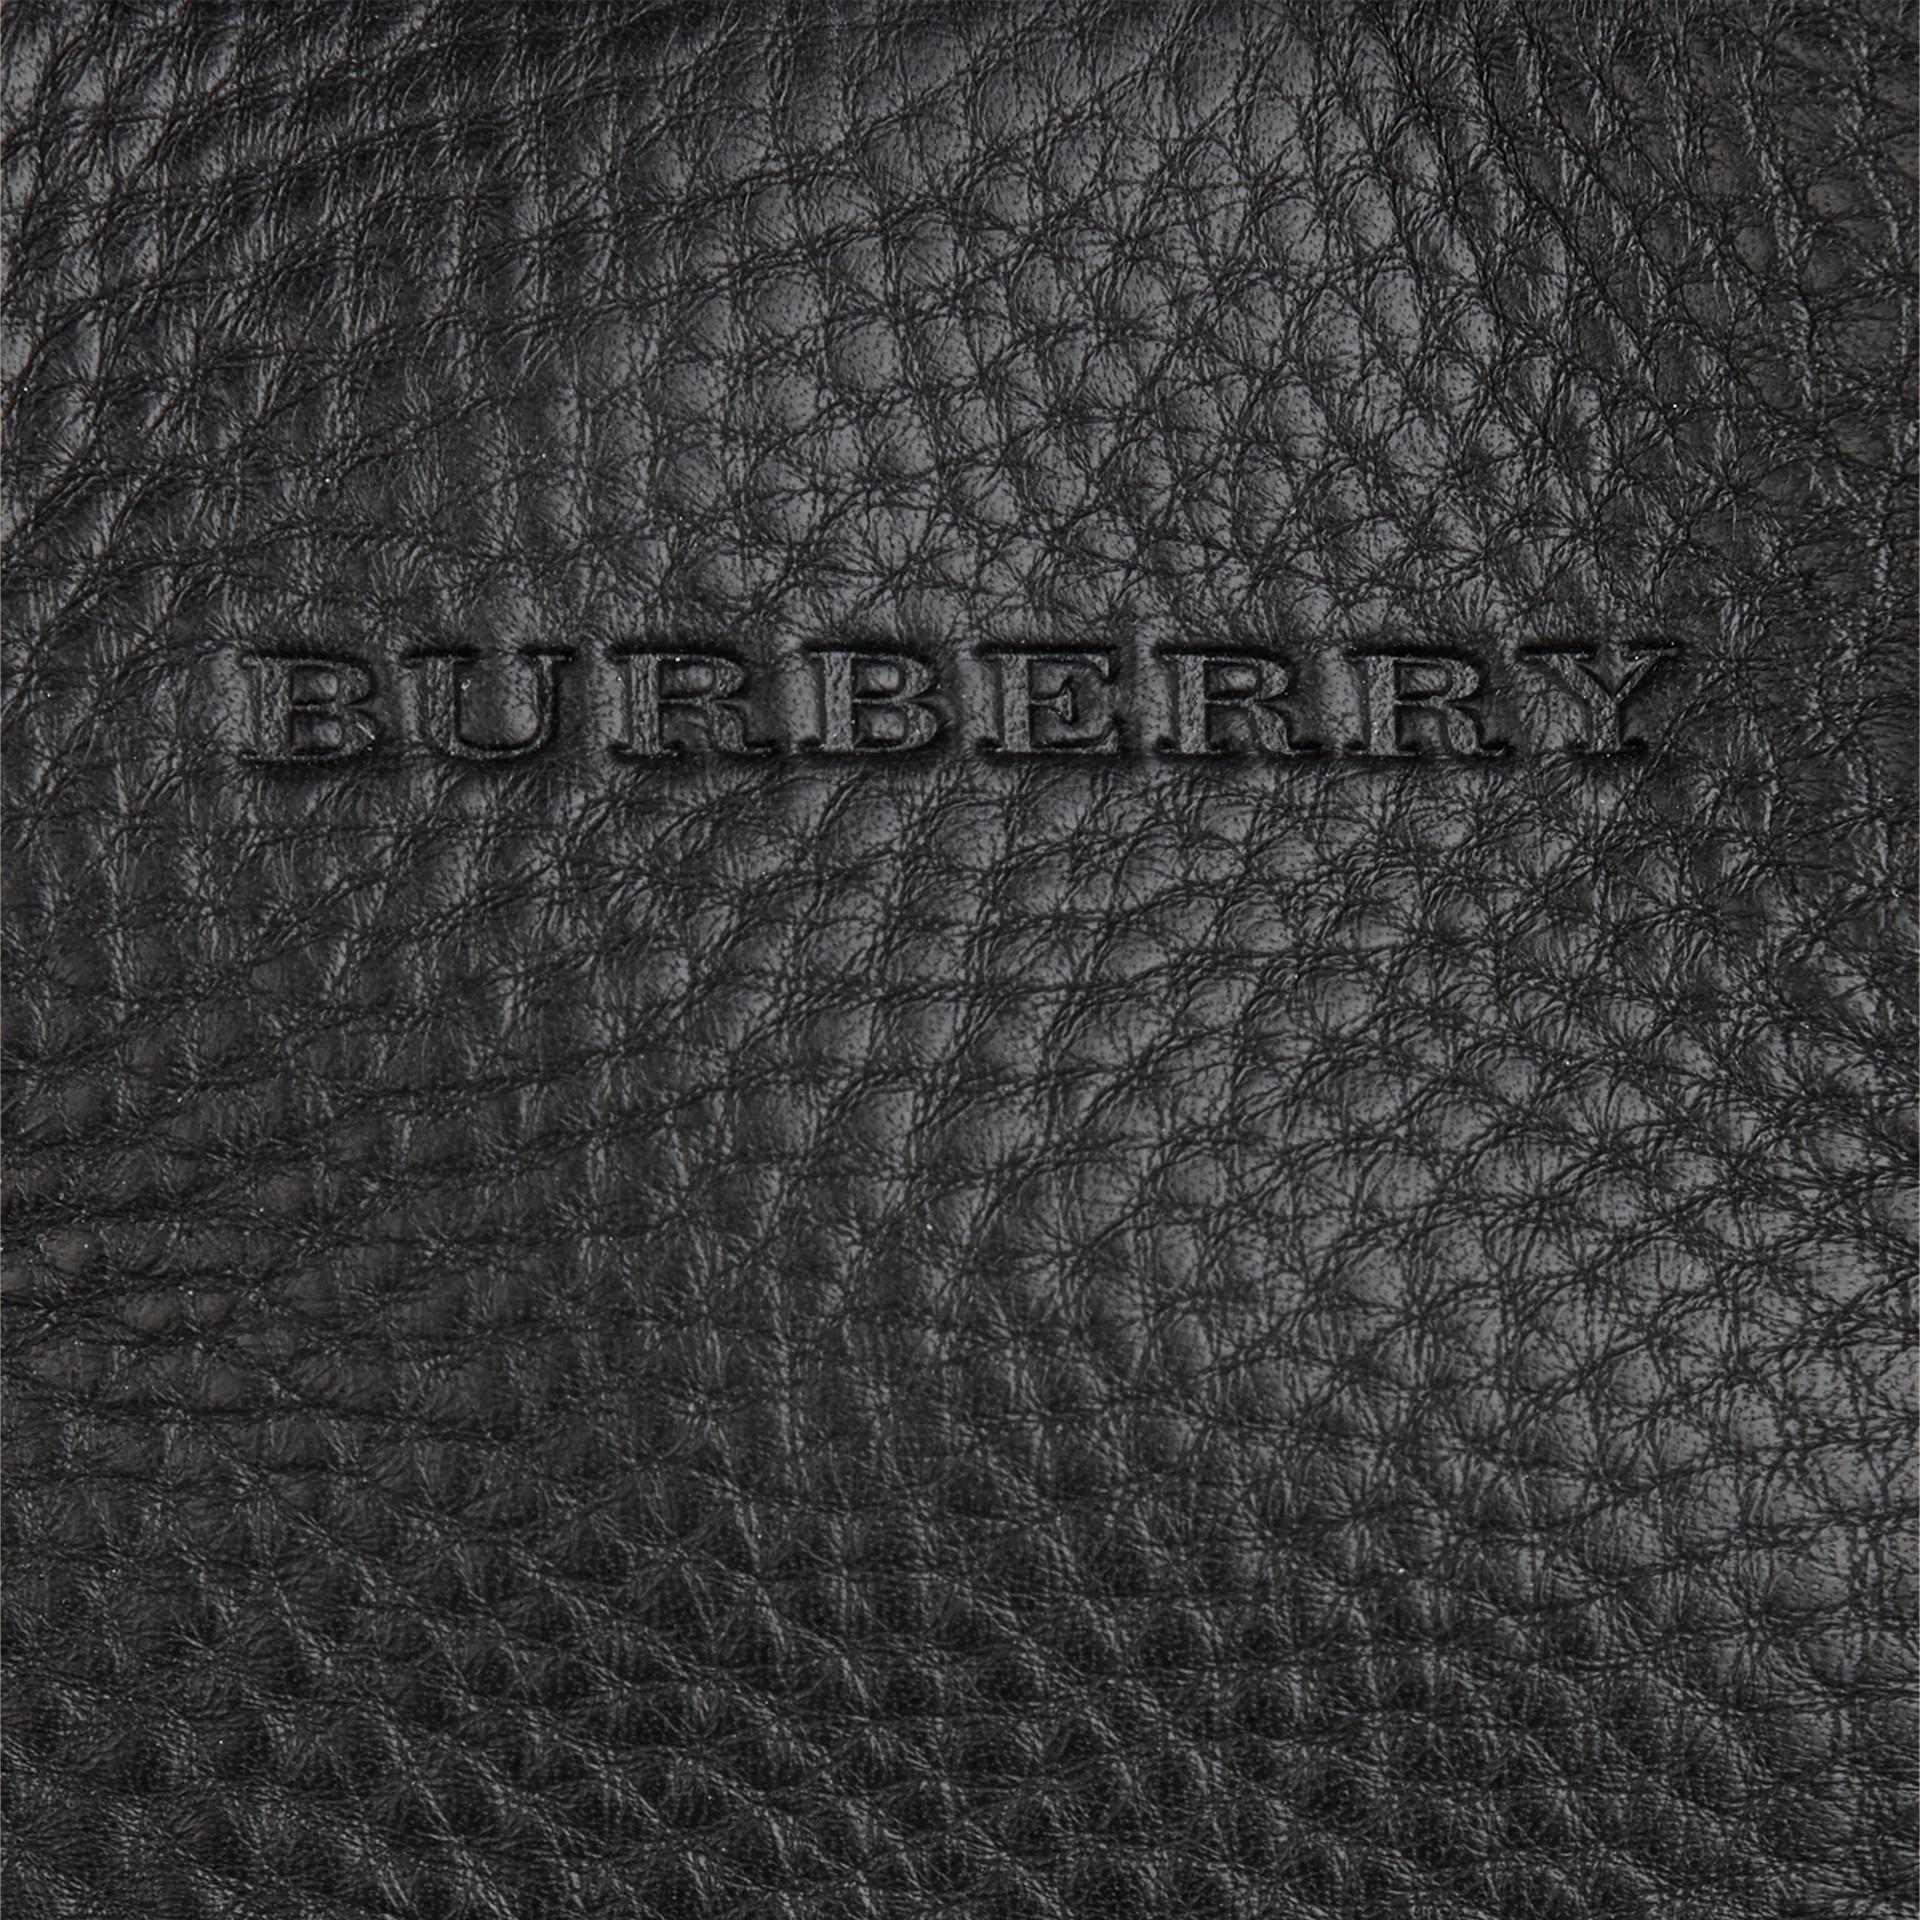 Nero Borsa tote piccola in pelle con dettaglio motivo check Nero - immagine della galleria 3